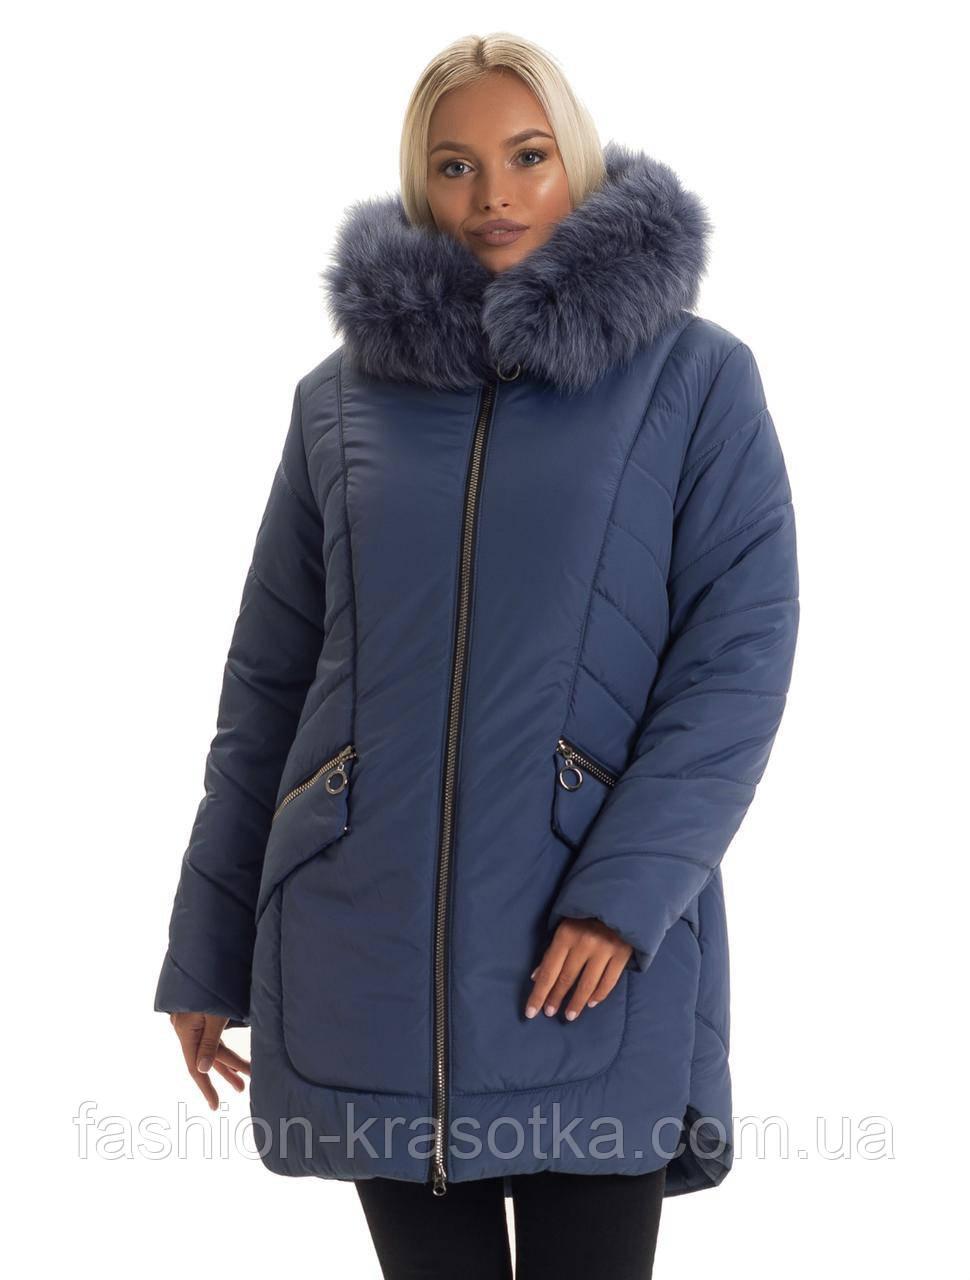 Модная женская зимняя куртка,мех песец хвостовая часть,размеры:50-62.